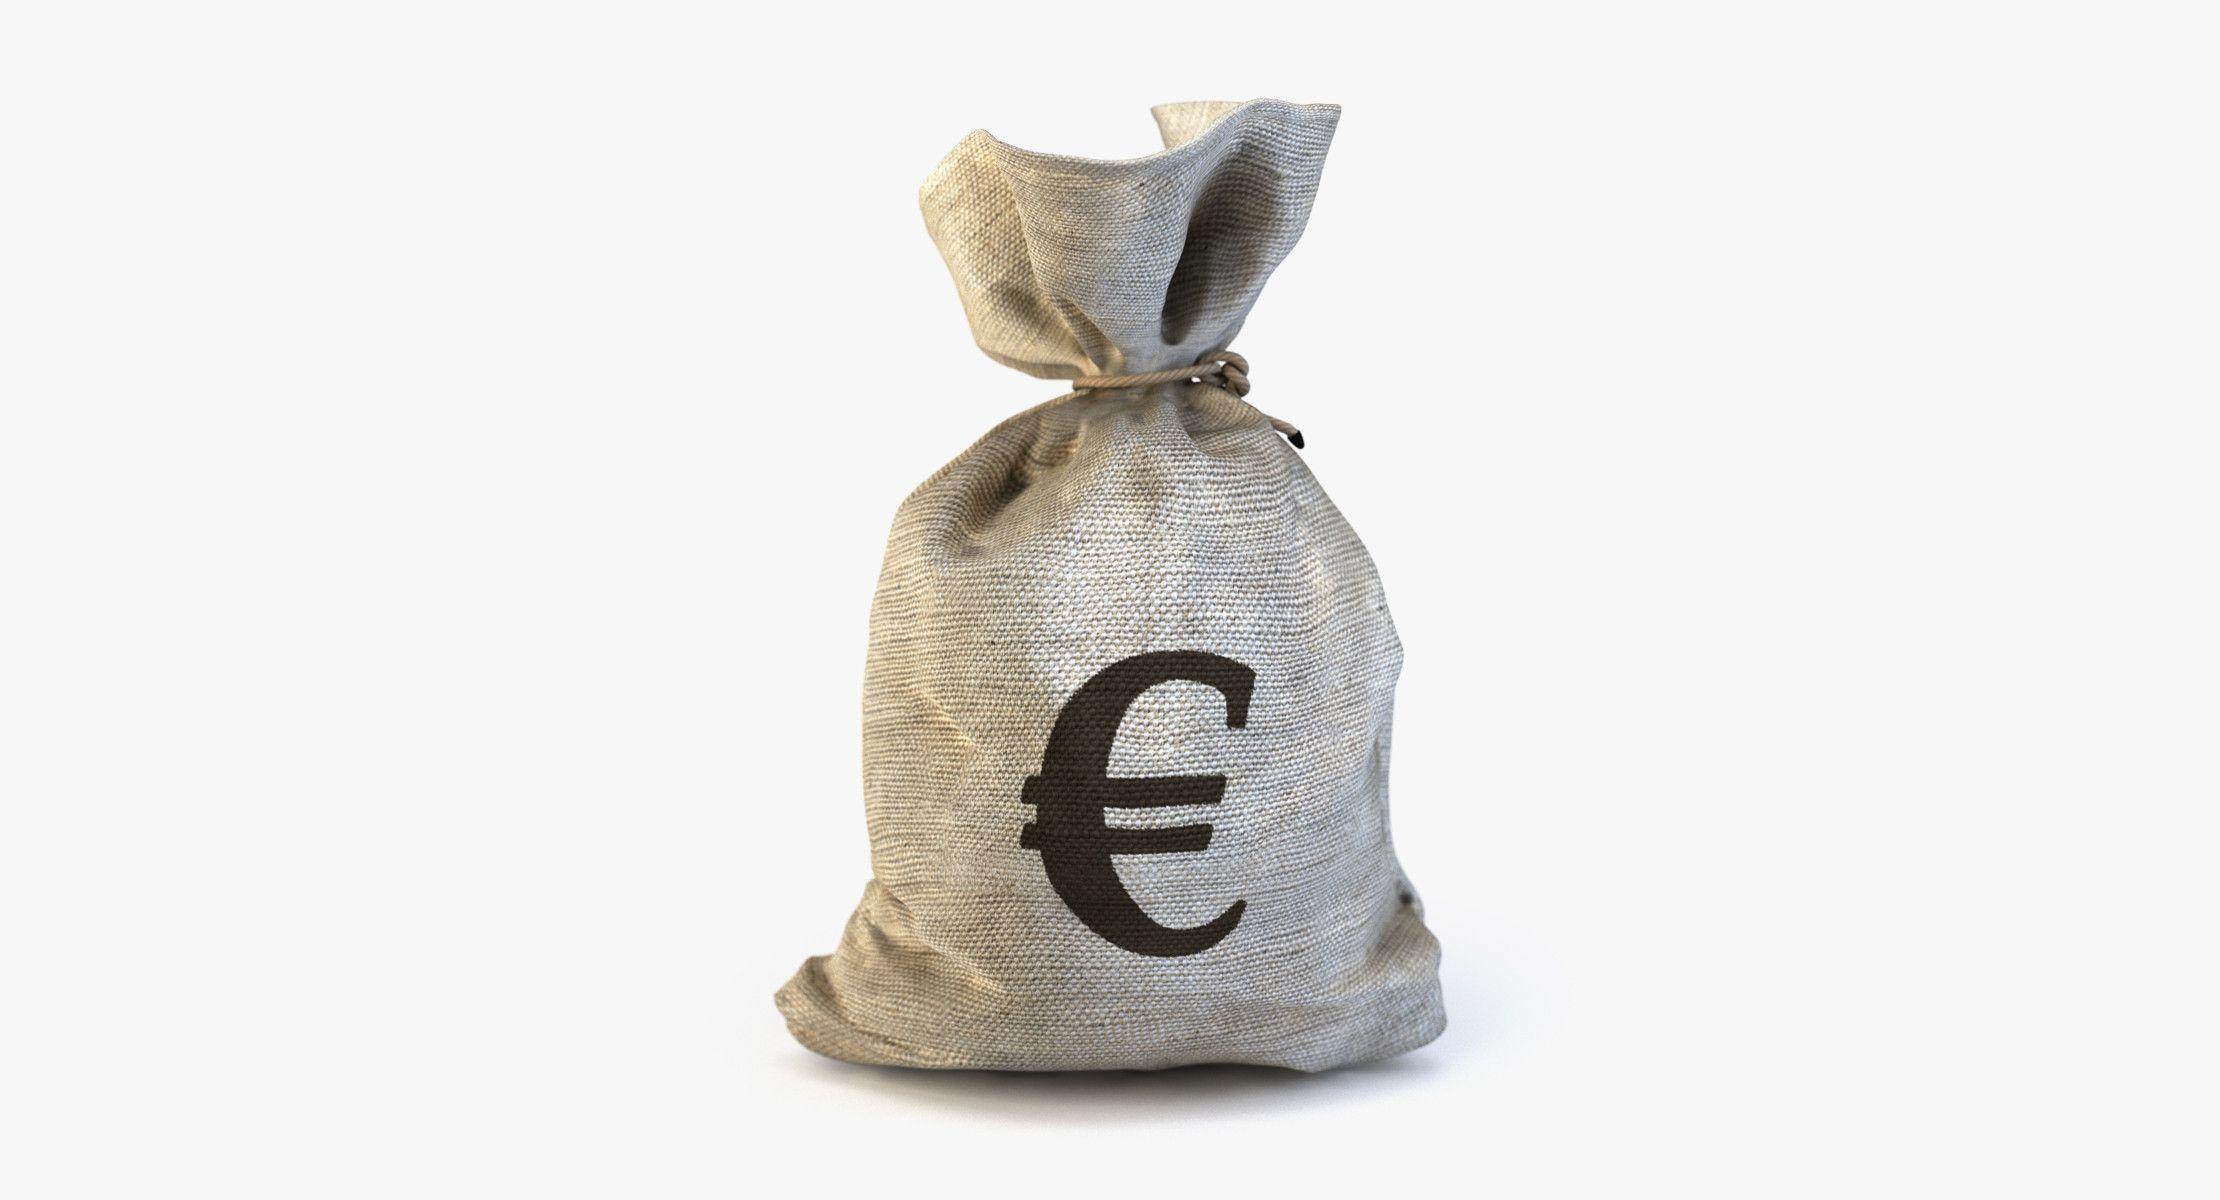 Мешок с деньгами картинка надписи